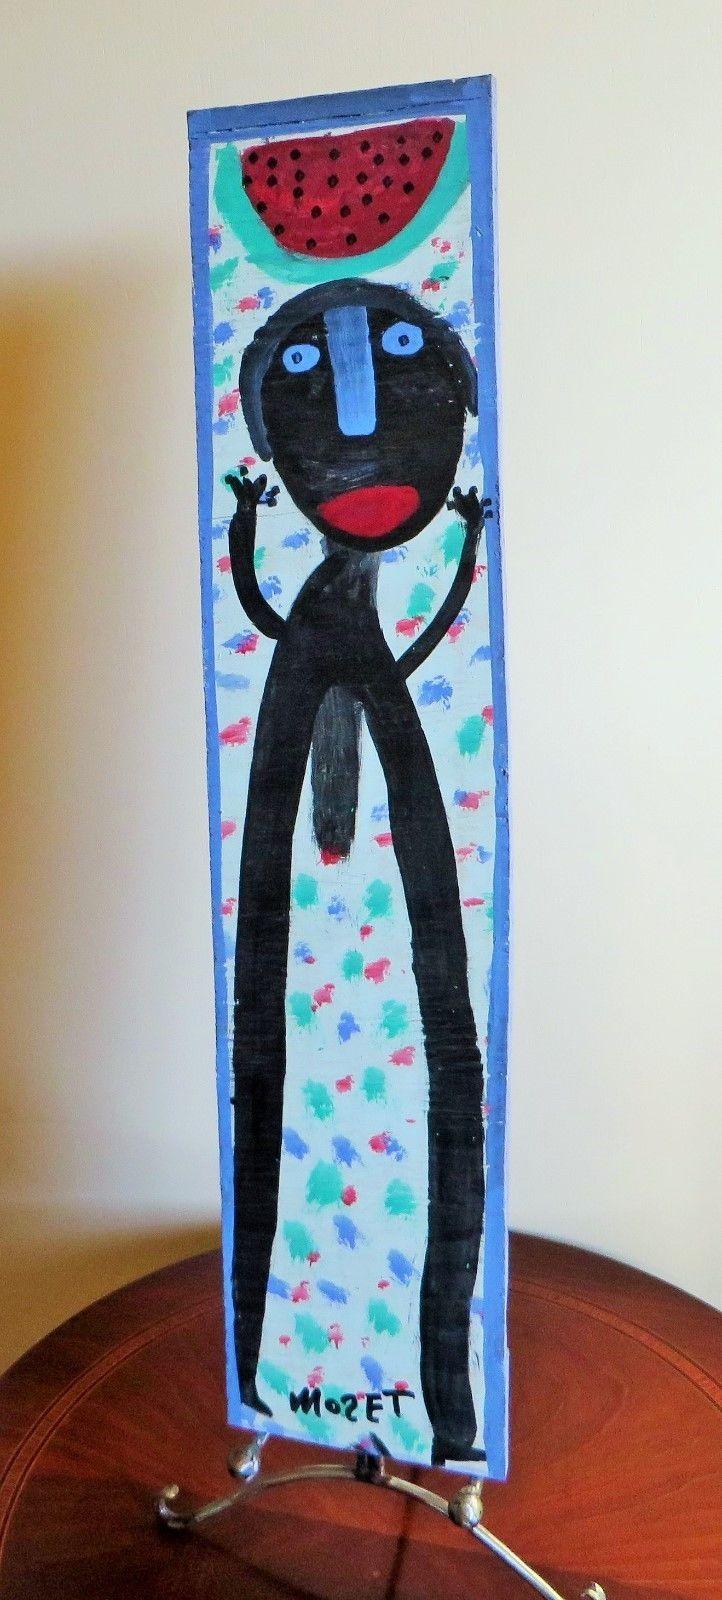 Der Afroamerikaner Mose Tolliver, 1924 (?)-2006, aus Alabama, begann nach einem schweren Unfall, der seine Beine zertrümmerte und ihn für den Rest seines Lebens arbeitsunfähig machte, als Autodidakt an zu malen. Er blieb zeitlebens behindert. seine Selbstbildnisse zeigen ihn mit Krücken.